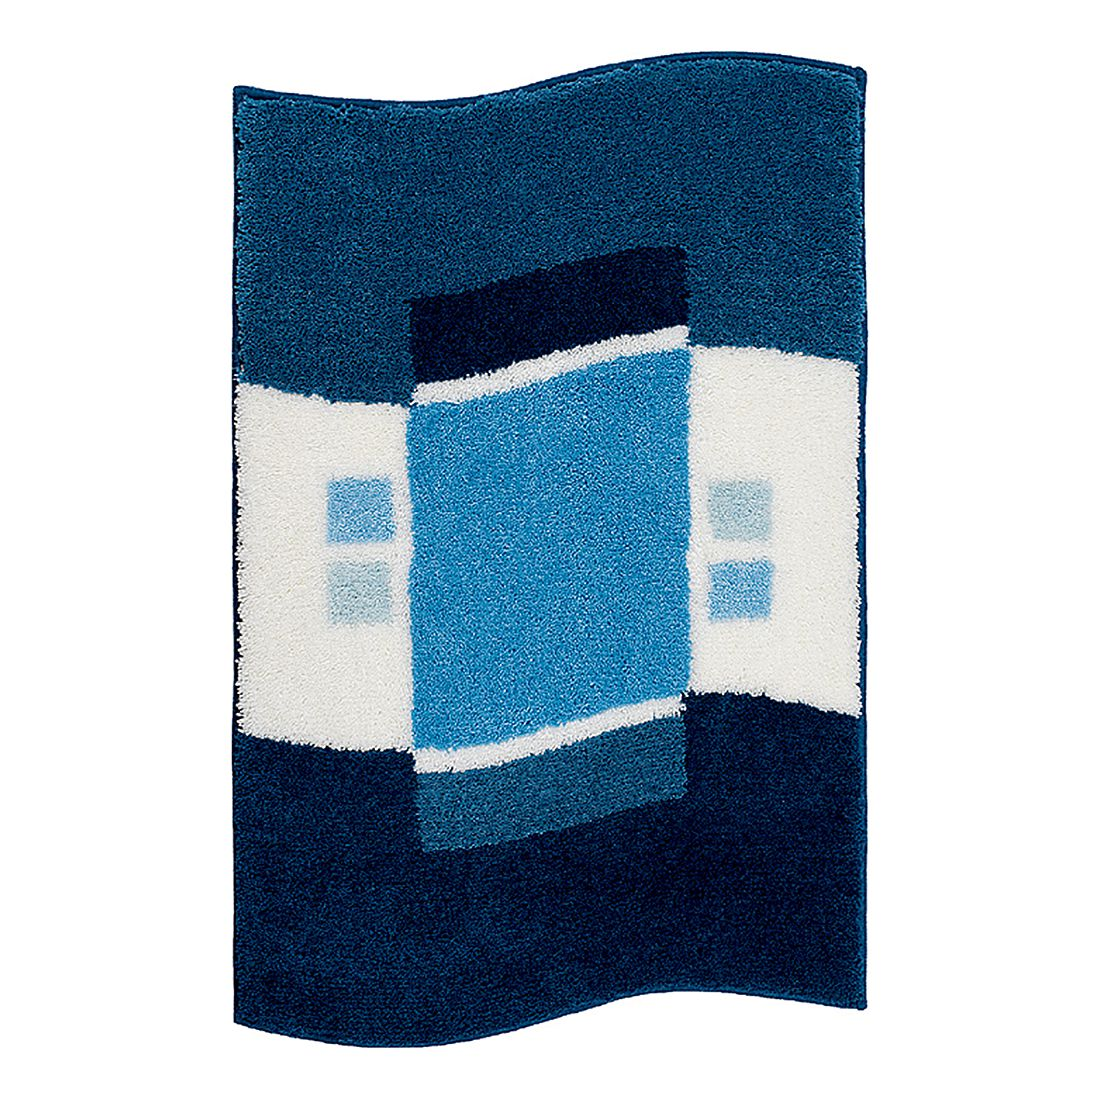 Badteppich Lugano – Blau – Größe: 65 x 115 cm, Grund bestellen